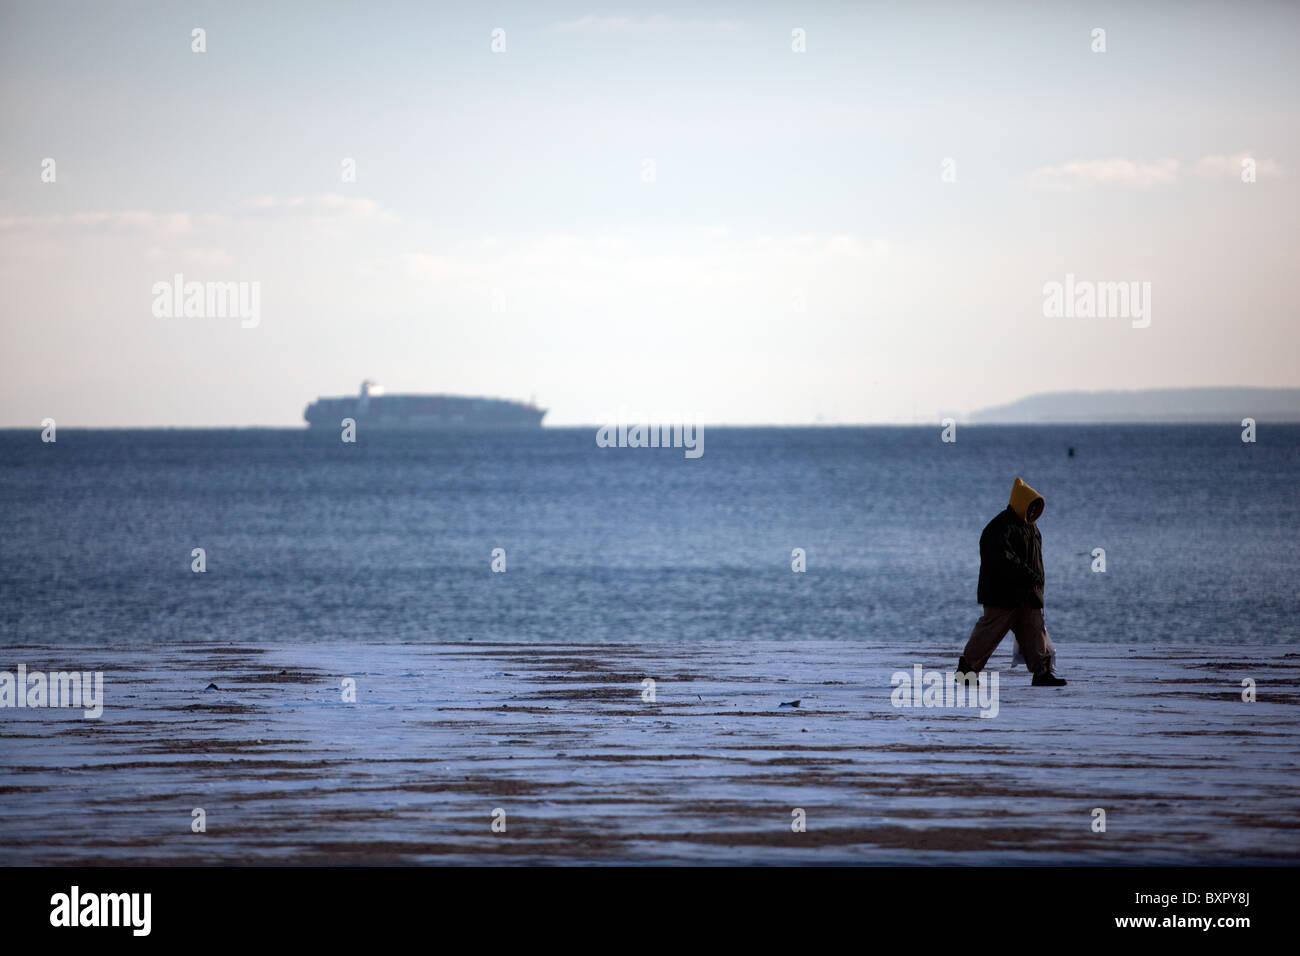 Mann zu Fuß am Strand ein kalter Tag. kaltes Wetter Stockbild